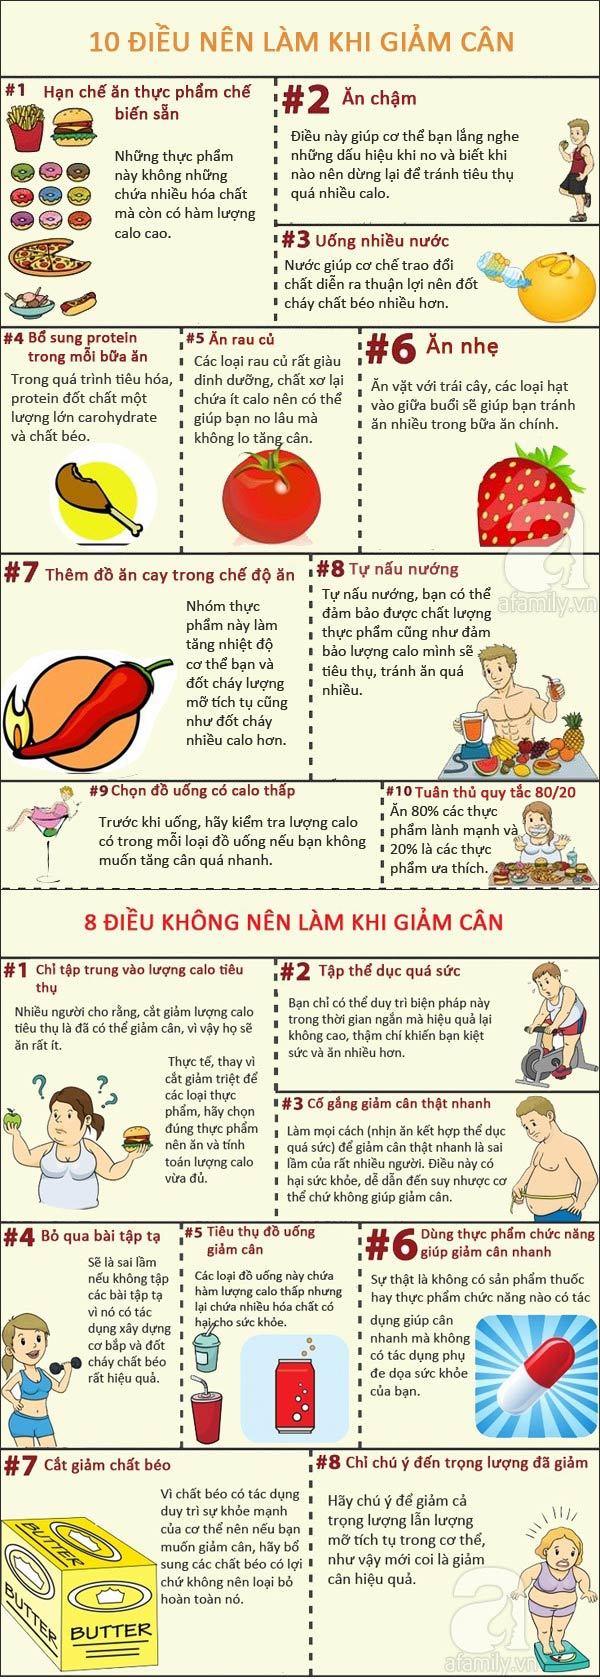 18 điều nên và không nên làm khi quyết định giảm cân